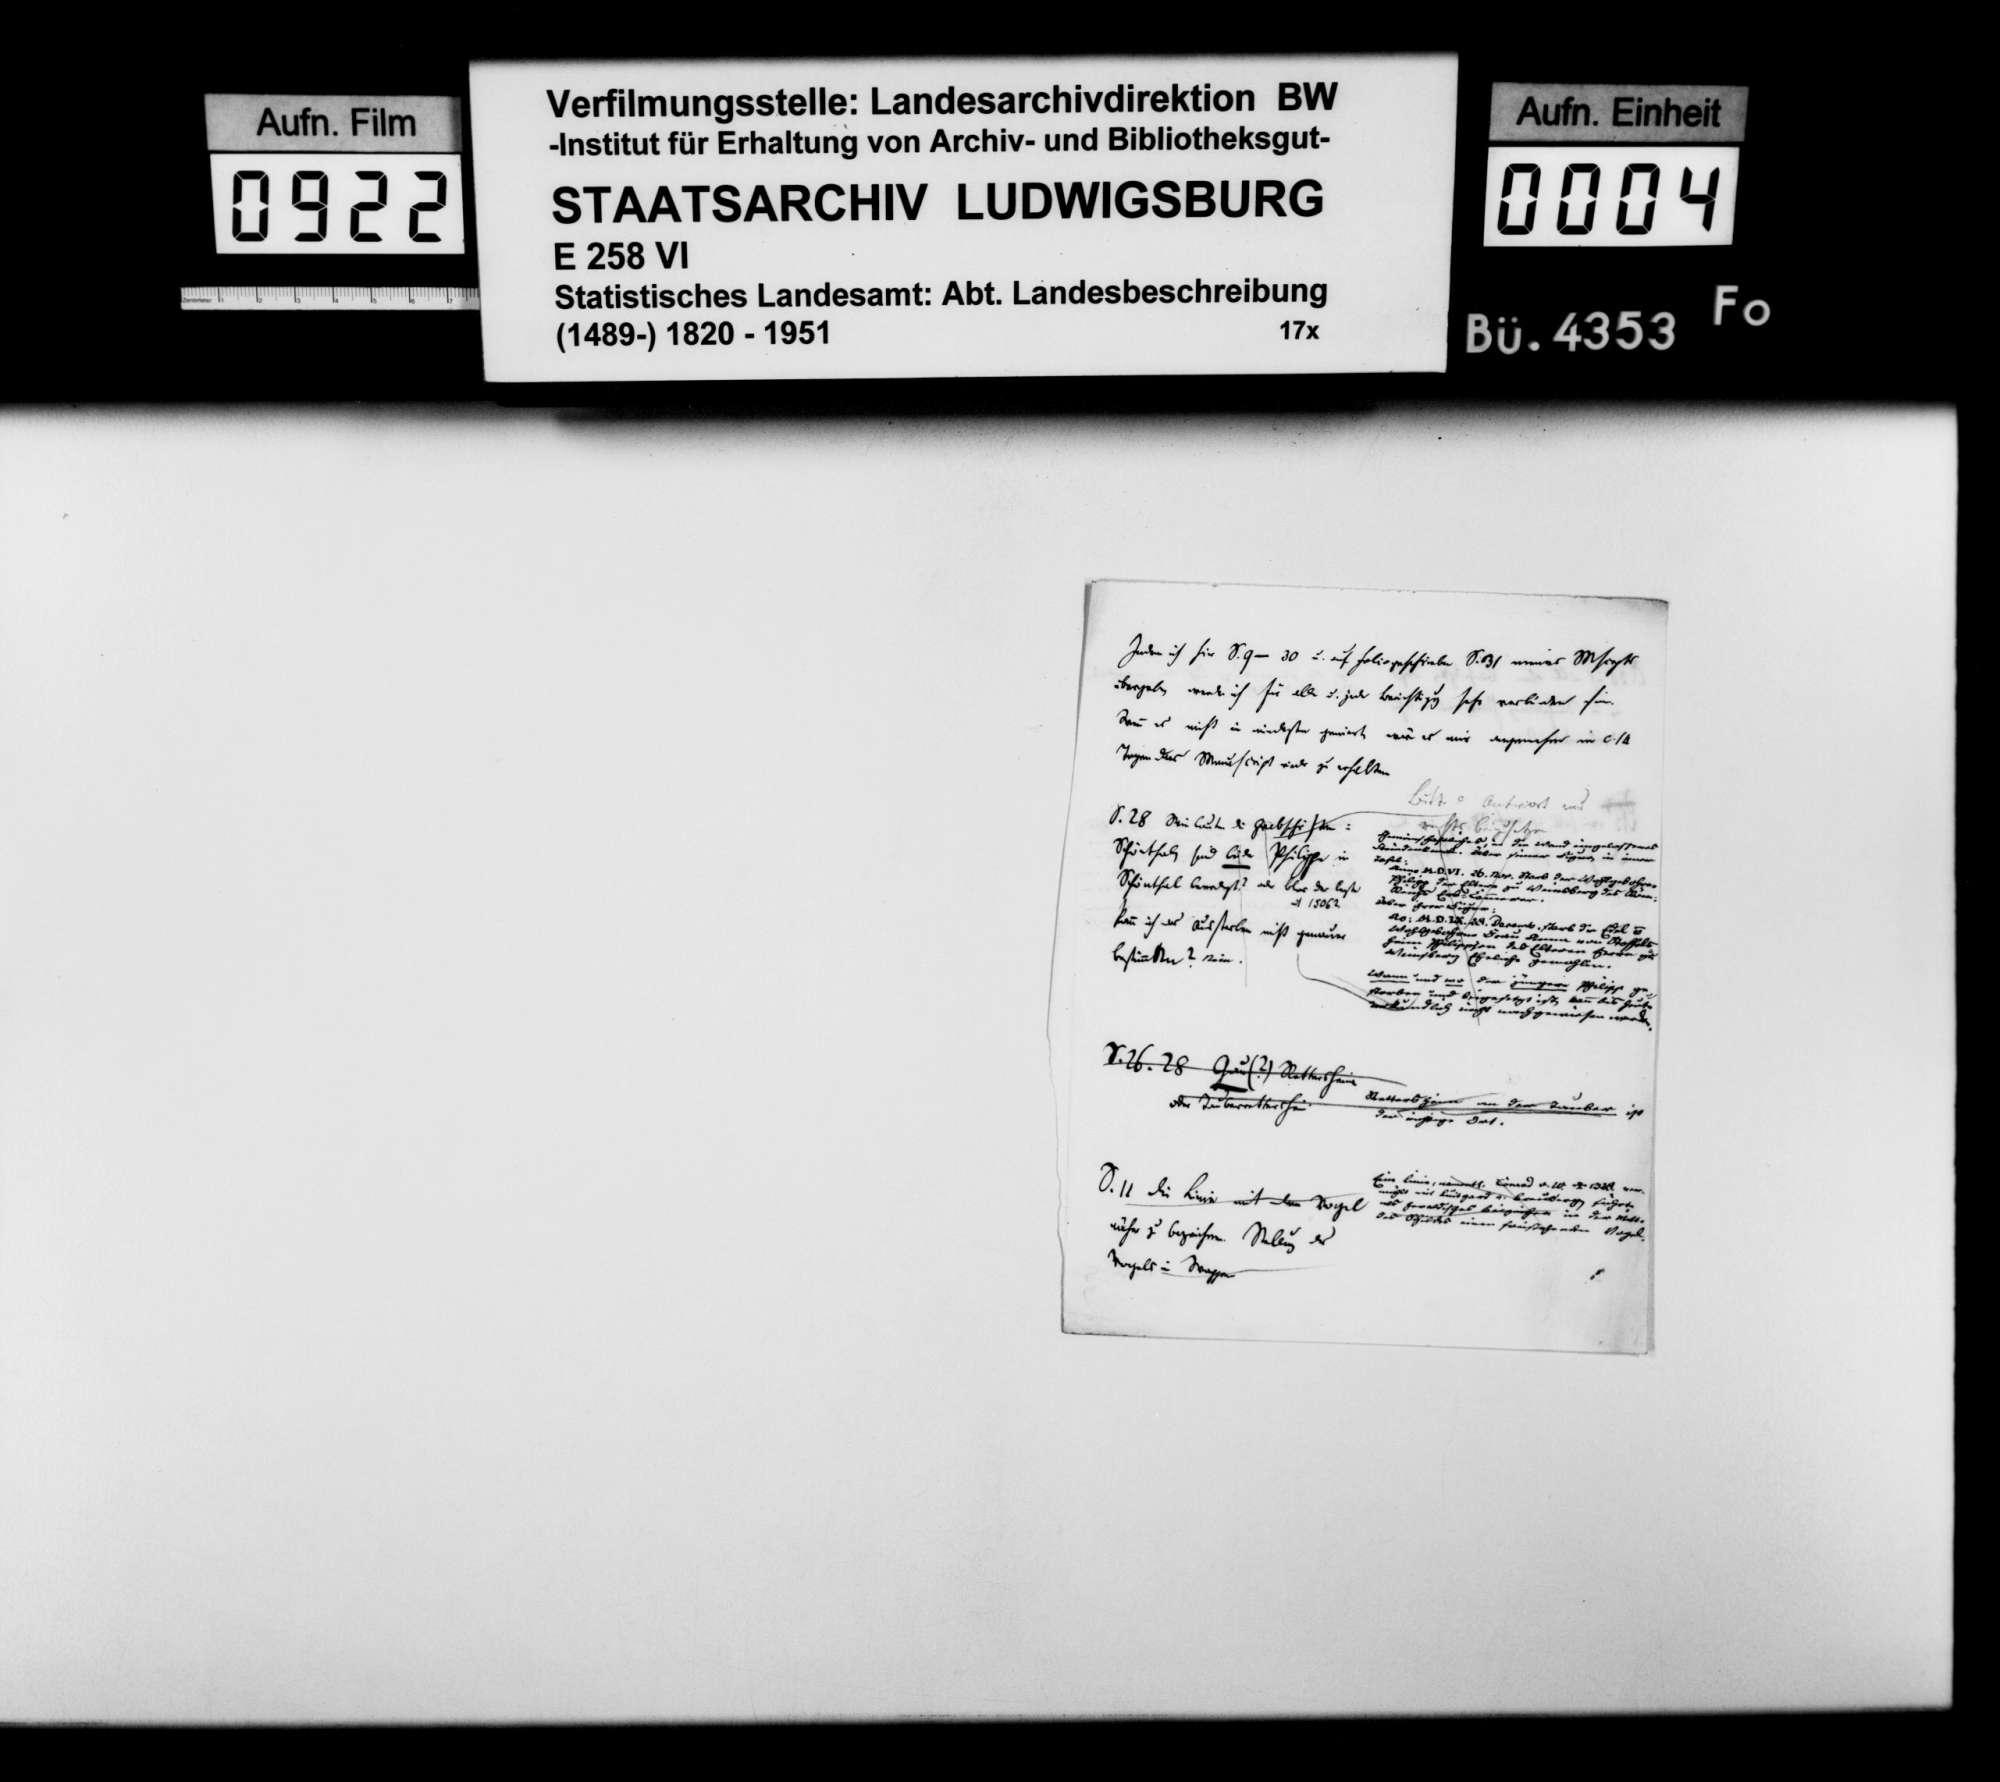 Notizen, genealogische Tafeln, Korrespondenz und Kurzregesten [des Oberstudienrats Christoph Friedrich Stälin, des Weinsberger Dekans a.D. Dillenius und anderer] zur mittelalterlichen Geschichte im Oberamtsbezirk, Bild 3